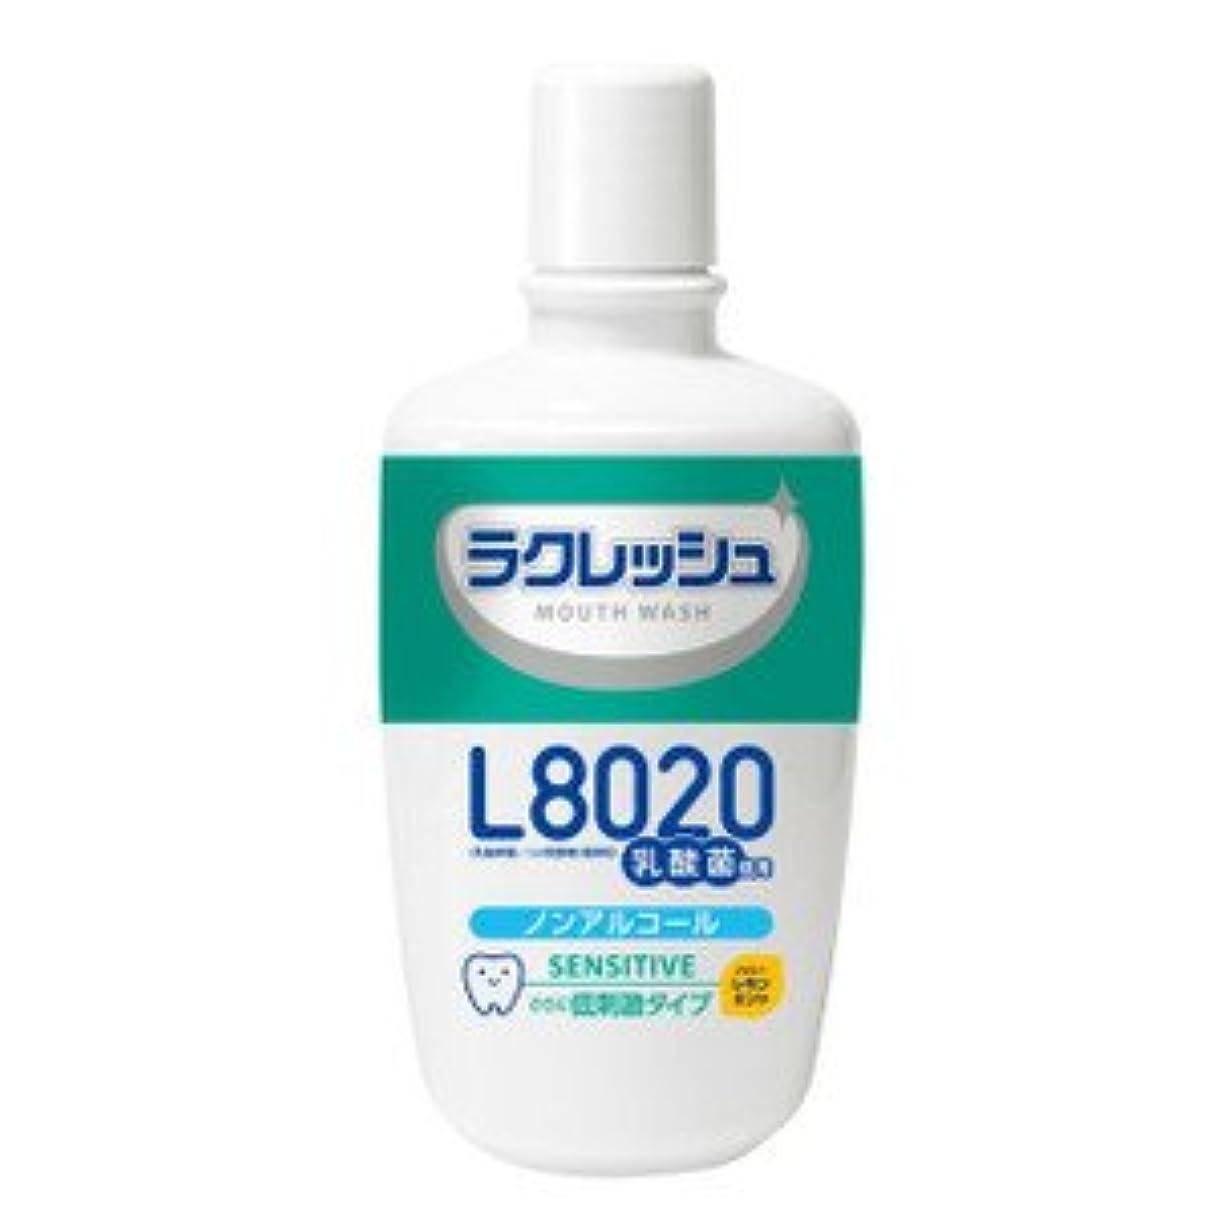 ほめる聖域幸福ジェクス ラクレッシュ L8020乳酸菌 マウスウォッシュ 洗口液センシティブタイプ 300ml×10個セット